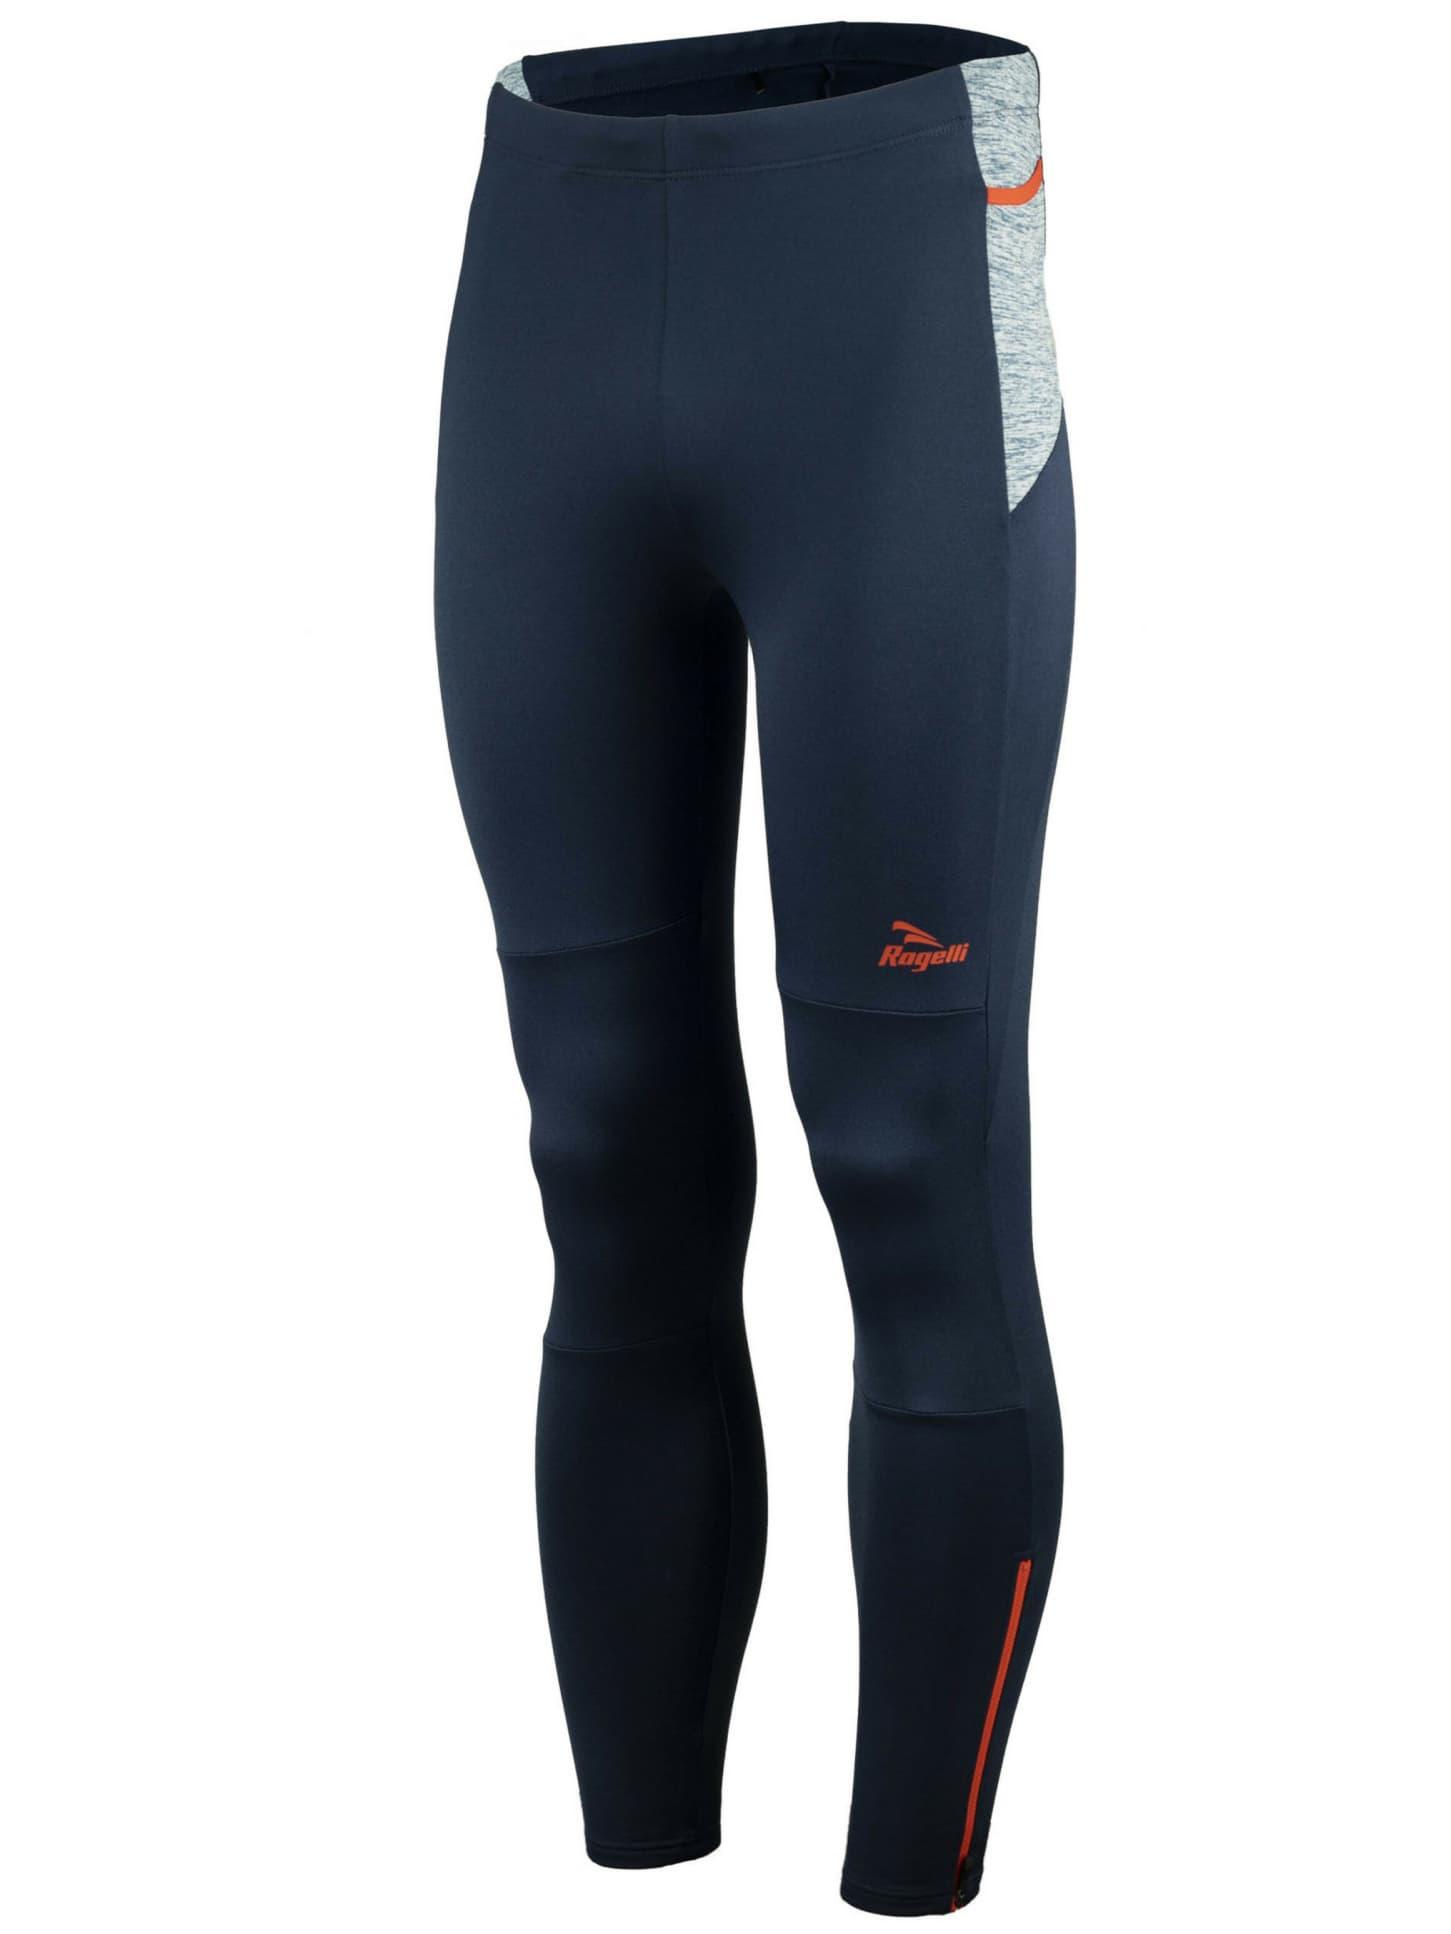 952e711ae Pánske bežecké nohavice Rogelli BROADWAY s ľahkým zateplením, modro-červené